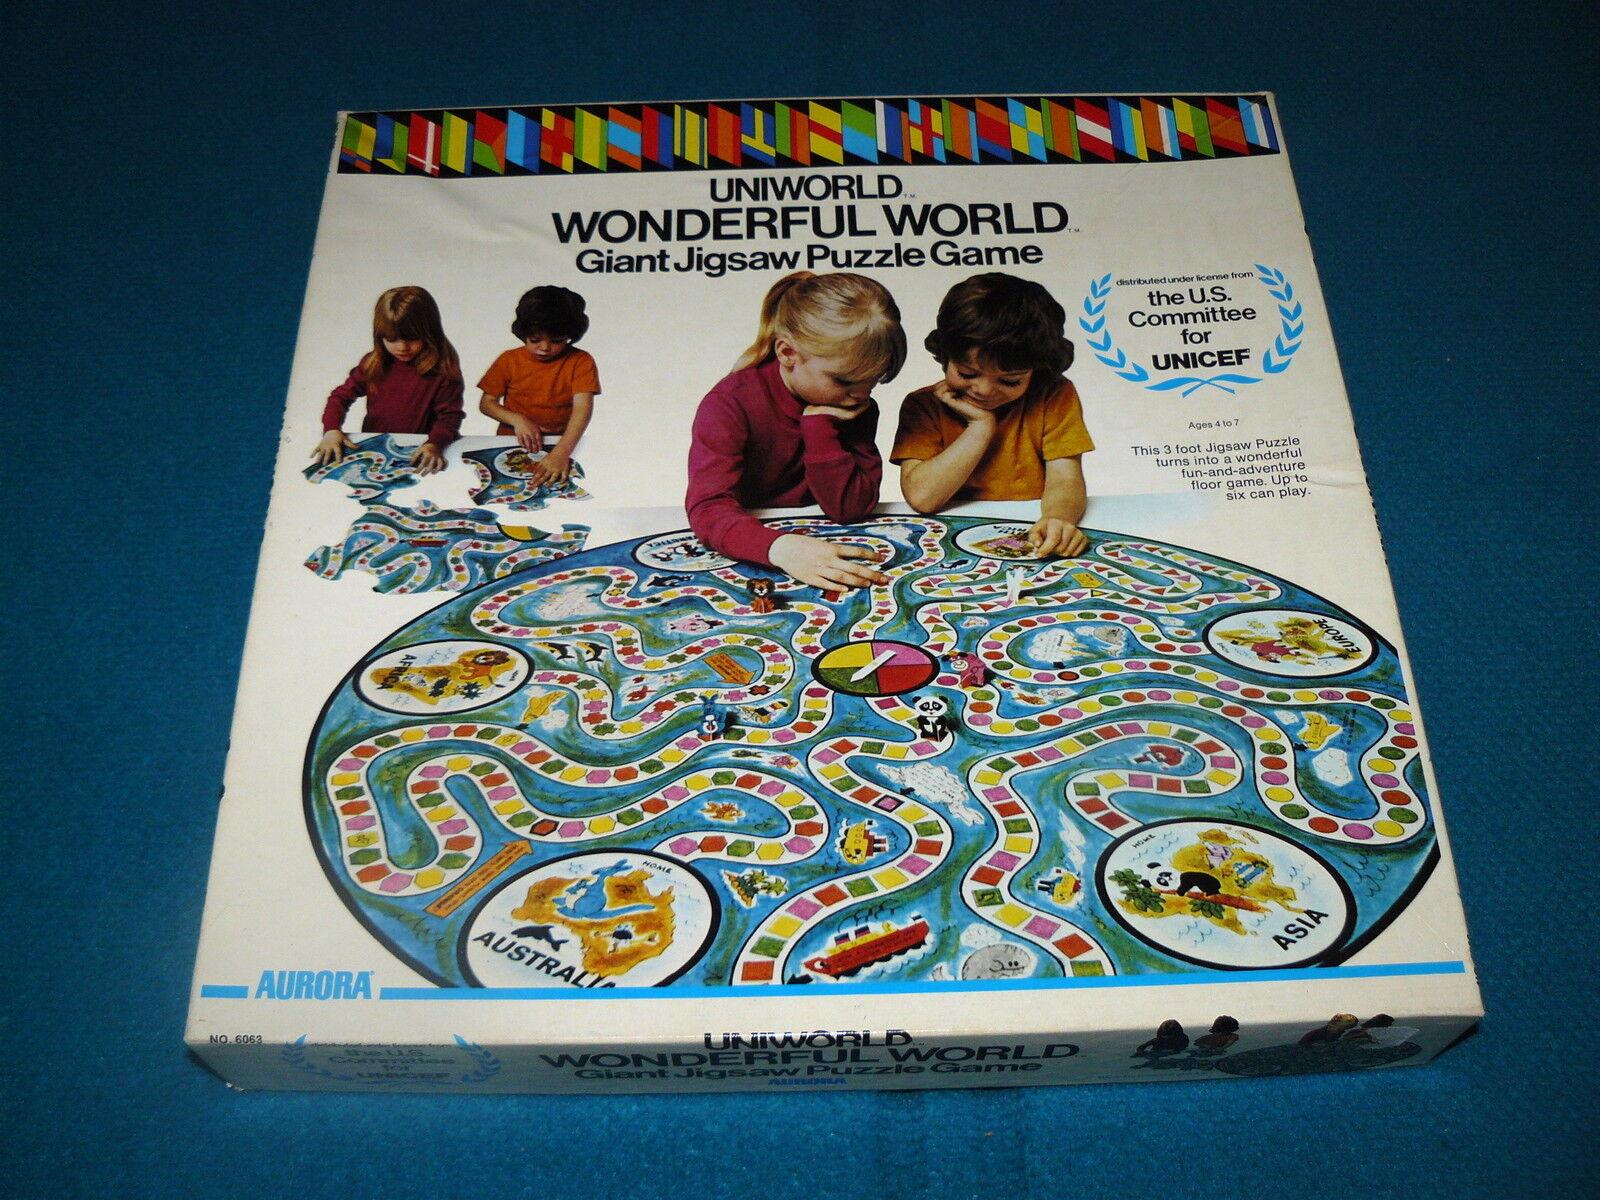 UNICEF  Uniworld-monde merveilleux géant  Puzzle  Game @ Aurora 1973